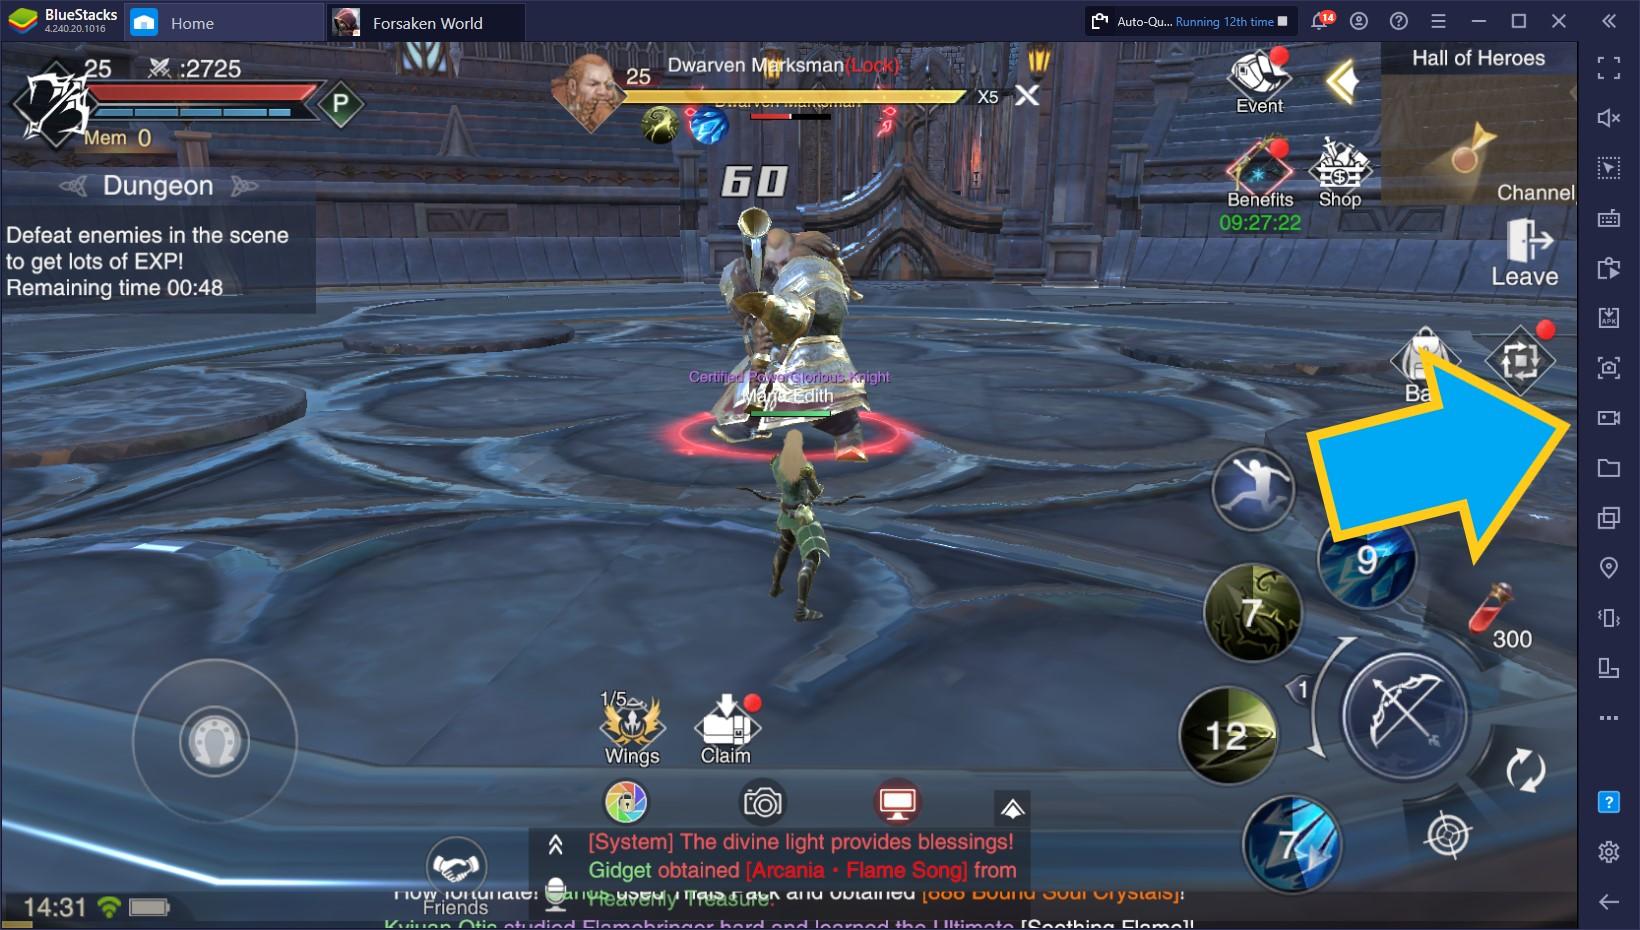 Forsaken World:Gods and Demons sur PC – Comment utiliser les fonctionnalités BlueStacks pour améliorer l'expérience de jeu